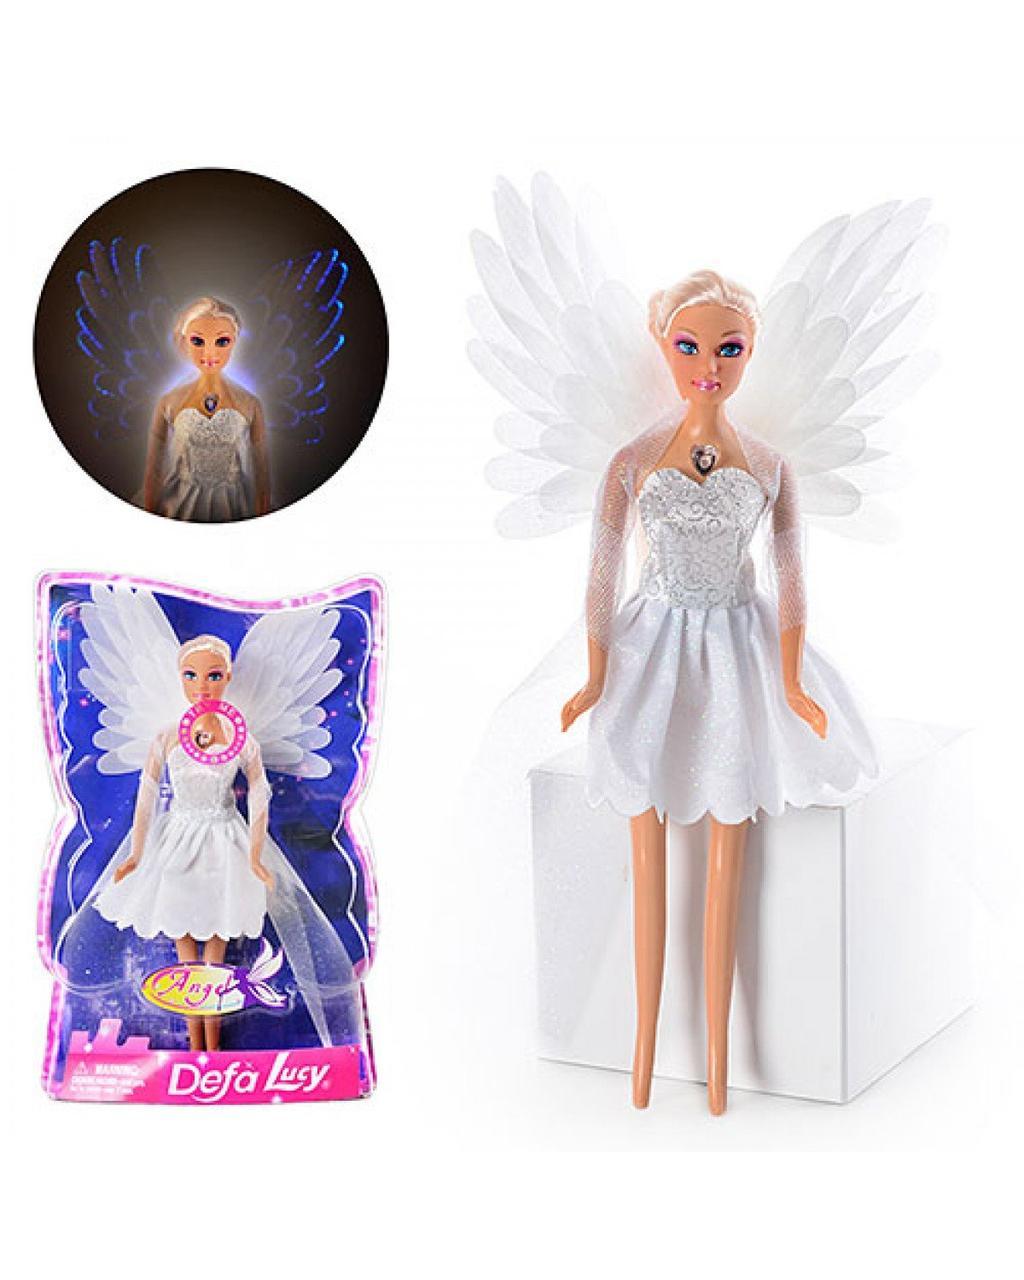 Кукла Ангел Дефа с подсветкой 30 см. Оригинал Defa Lucy 8219